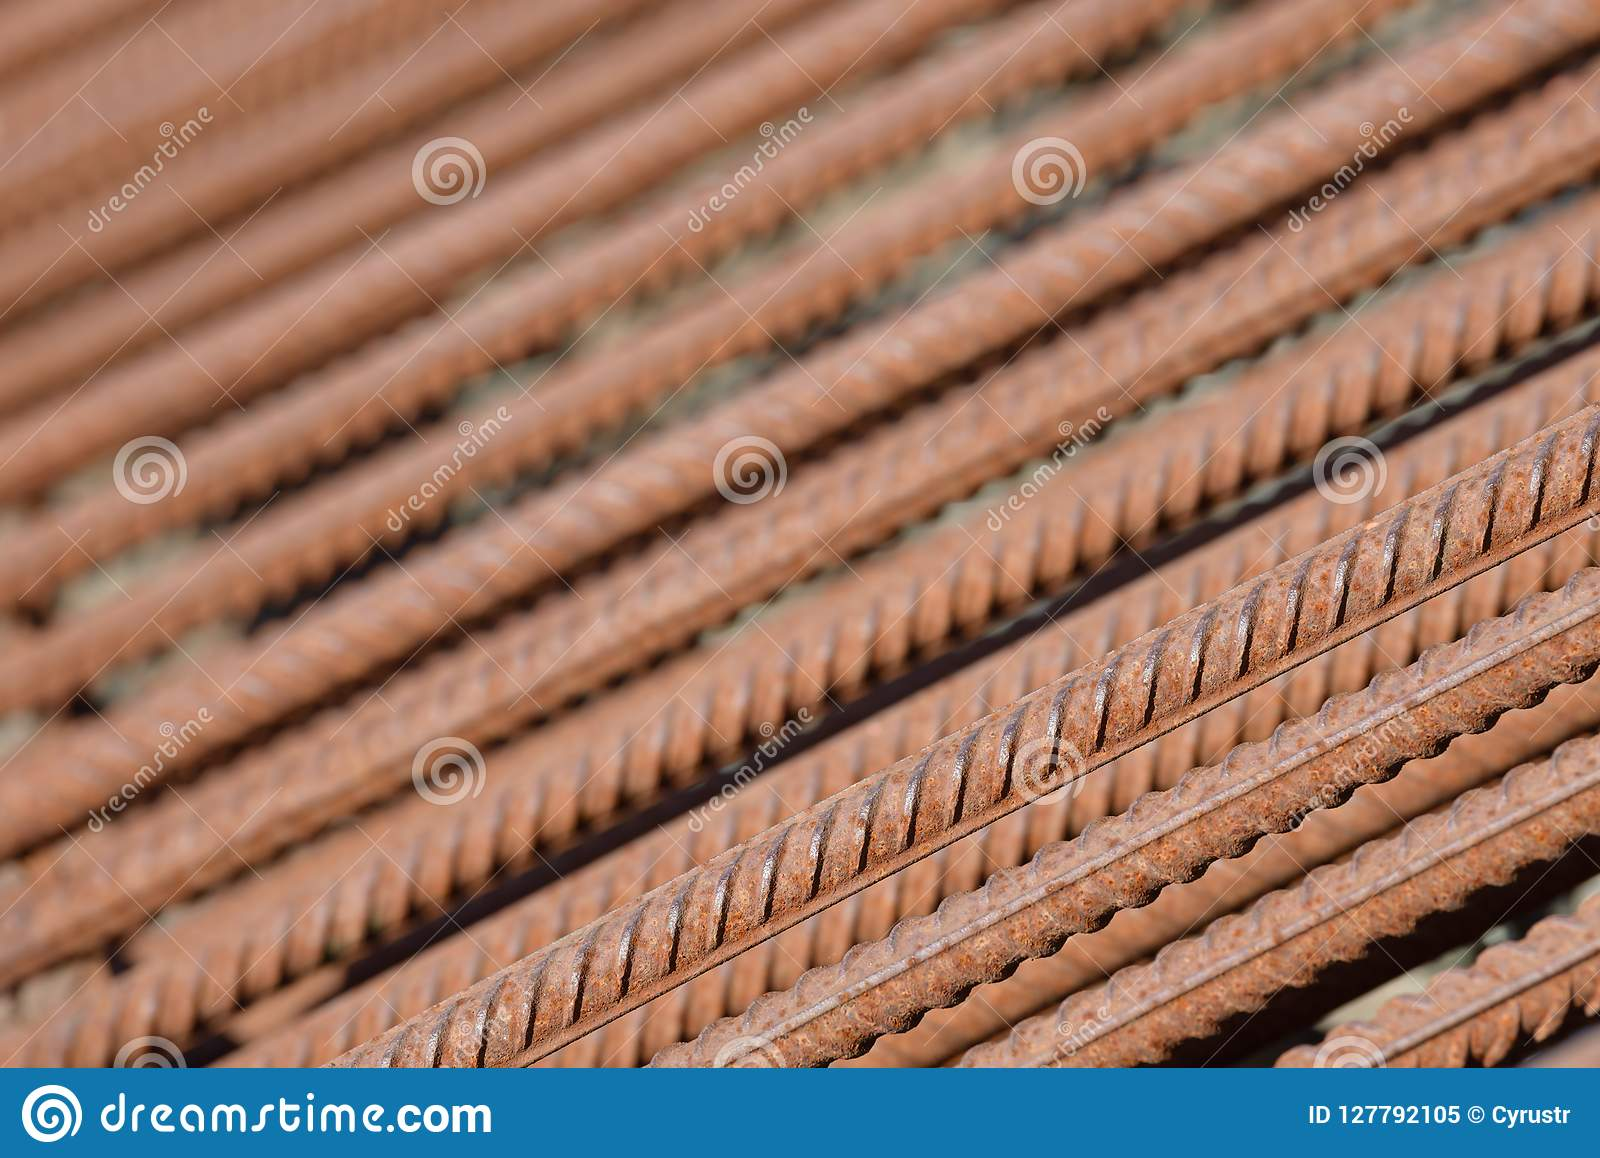 Усиливать предпосылку стального прута, арматура для конкретного строительства Armature металла Усиливать стальные пруты для строя